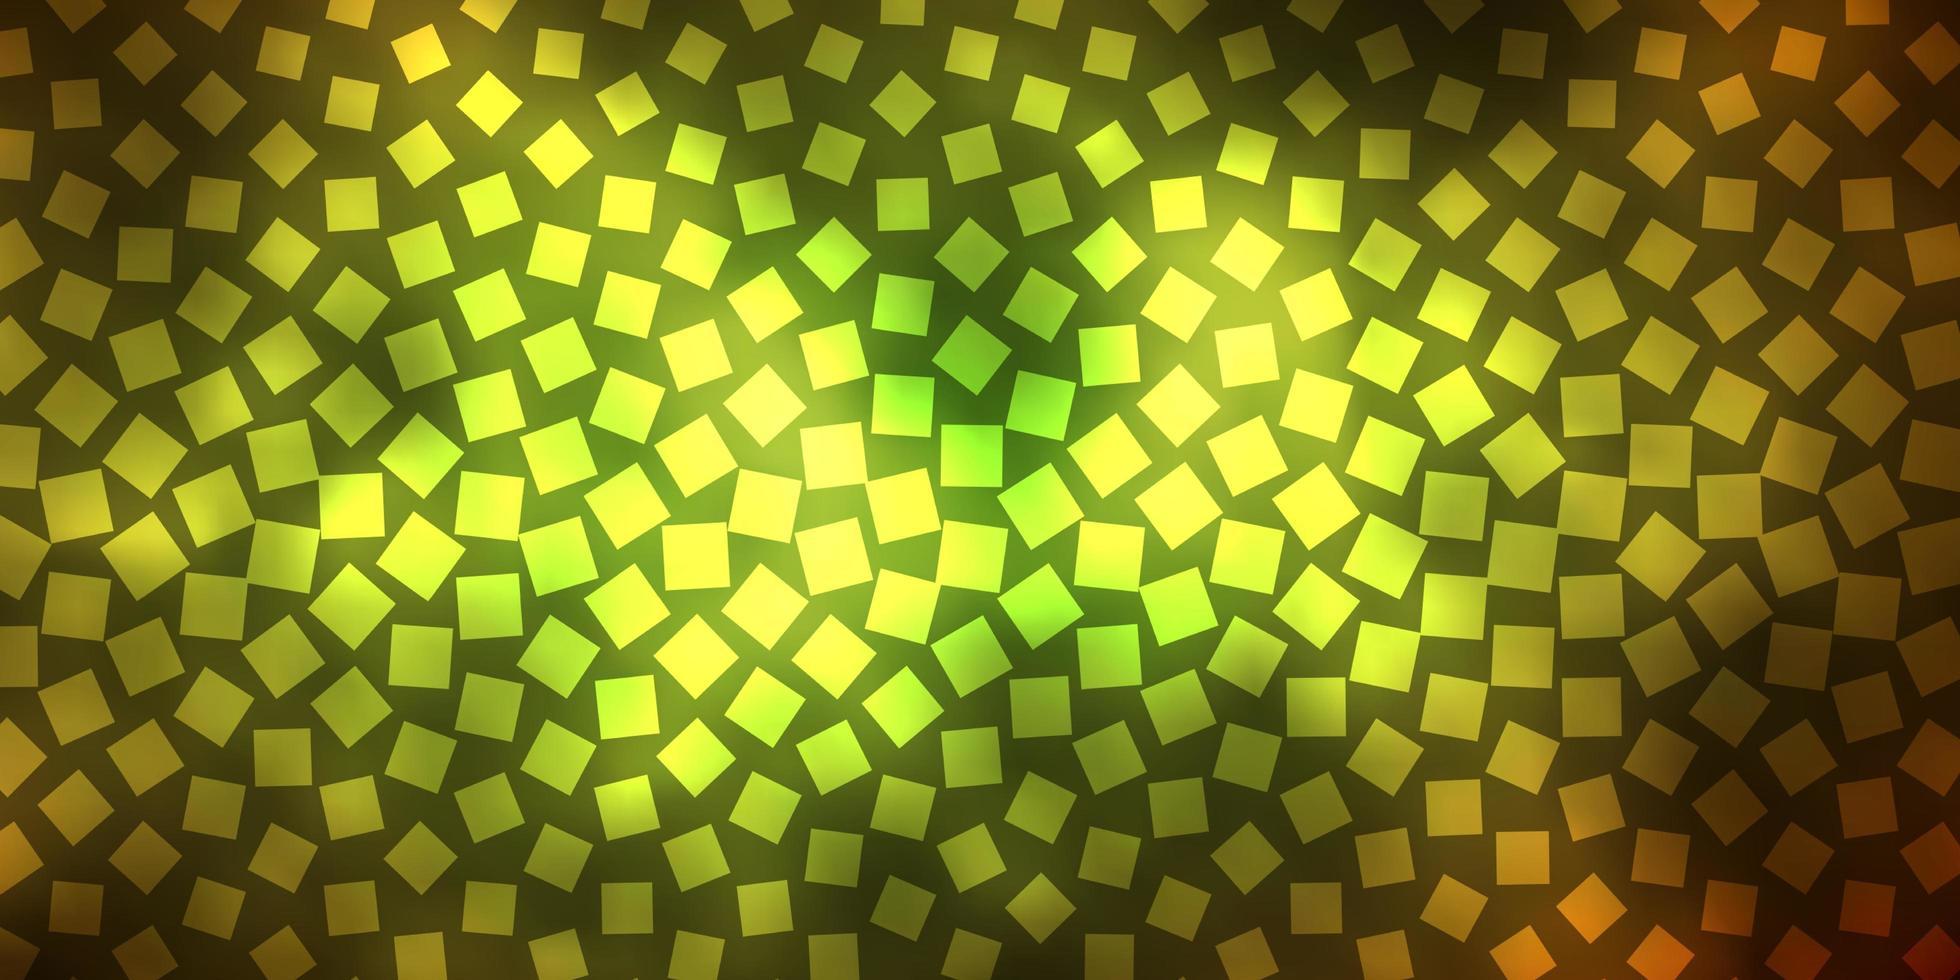 fundo verde e amarelo escuro com retângulos. vetor